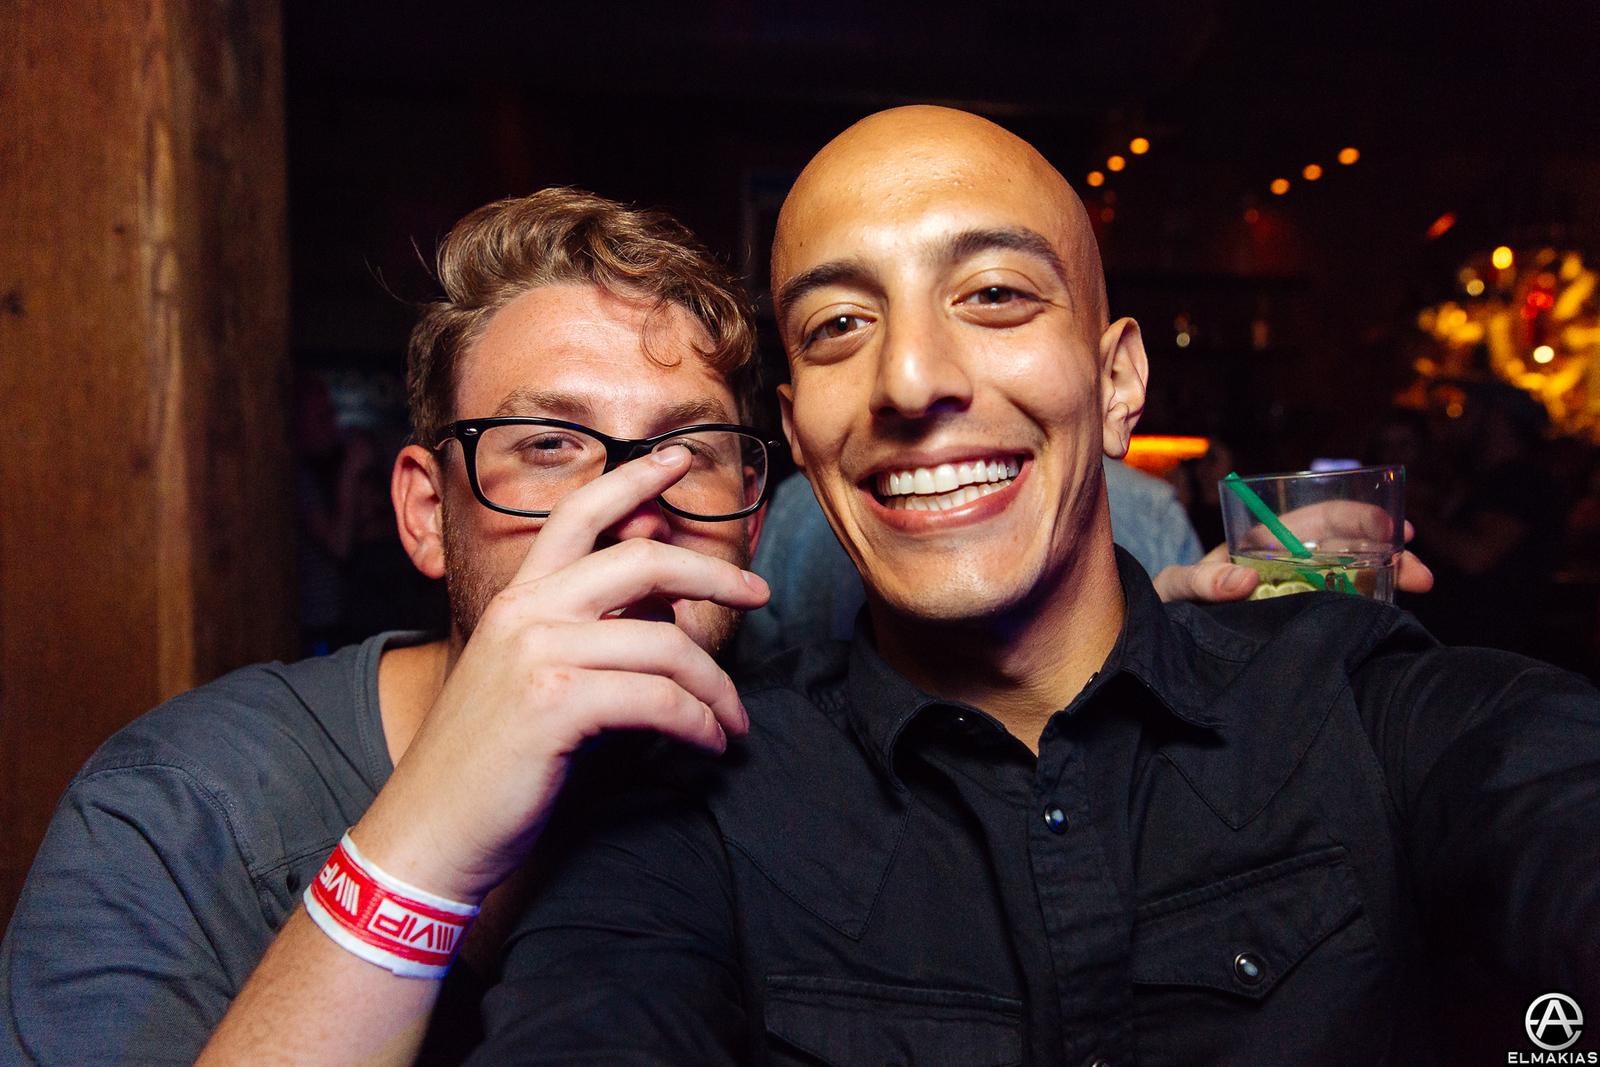 Adam Elmakias and Thomas Falcone at the 2015 APMAs by Adam Elmakias